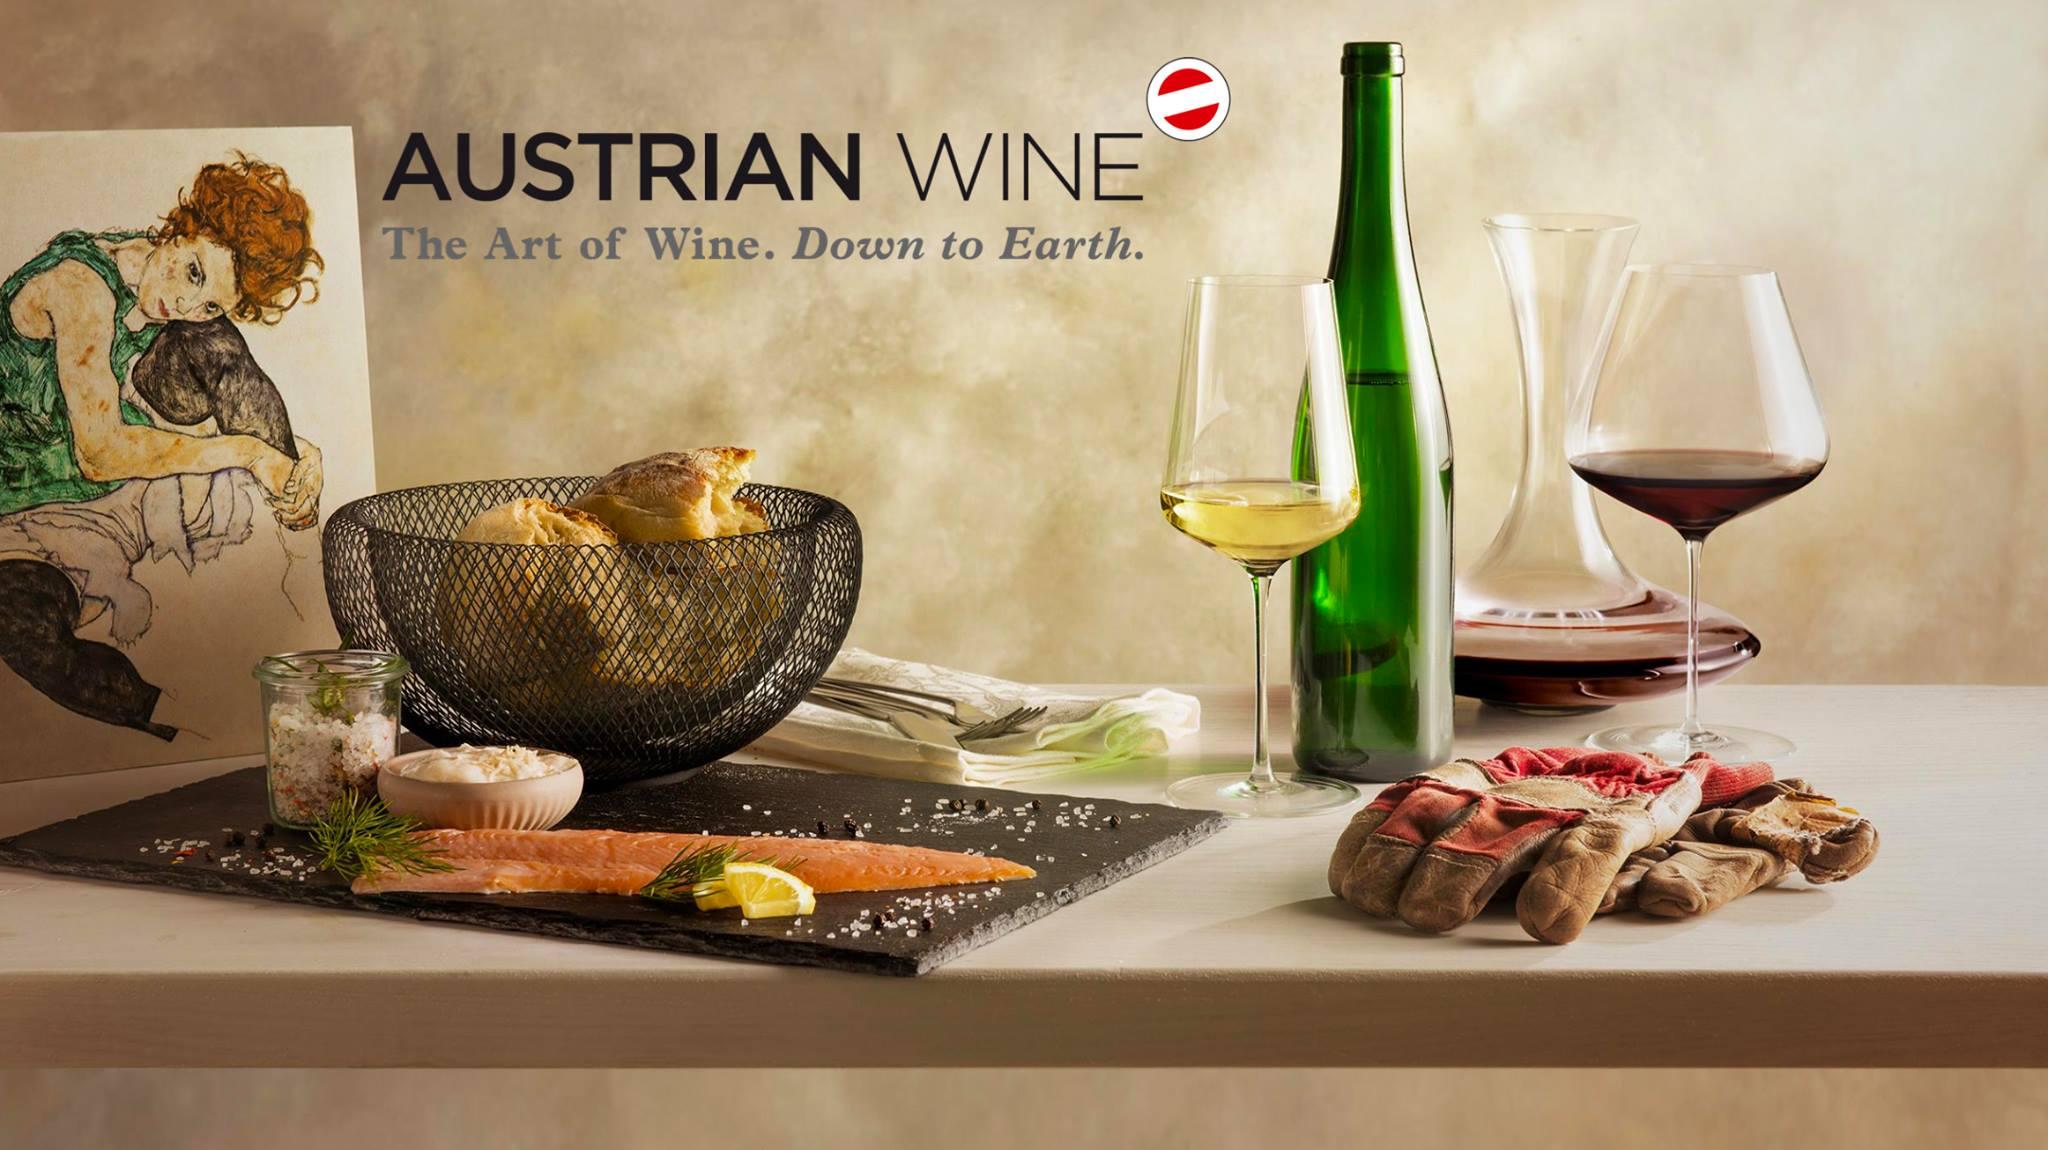 Les Vins d'Autriche, sponsors officiels du Concours du Meilleur Sommelier du Monde 2019